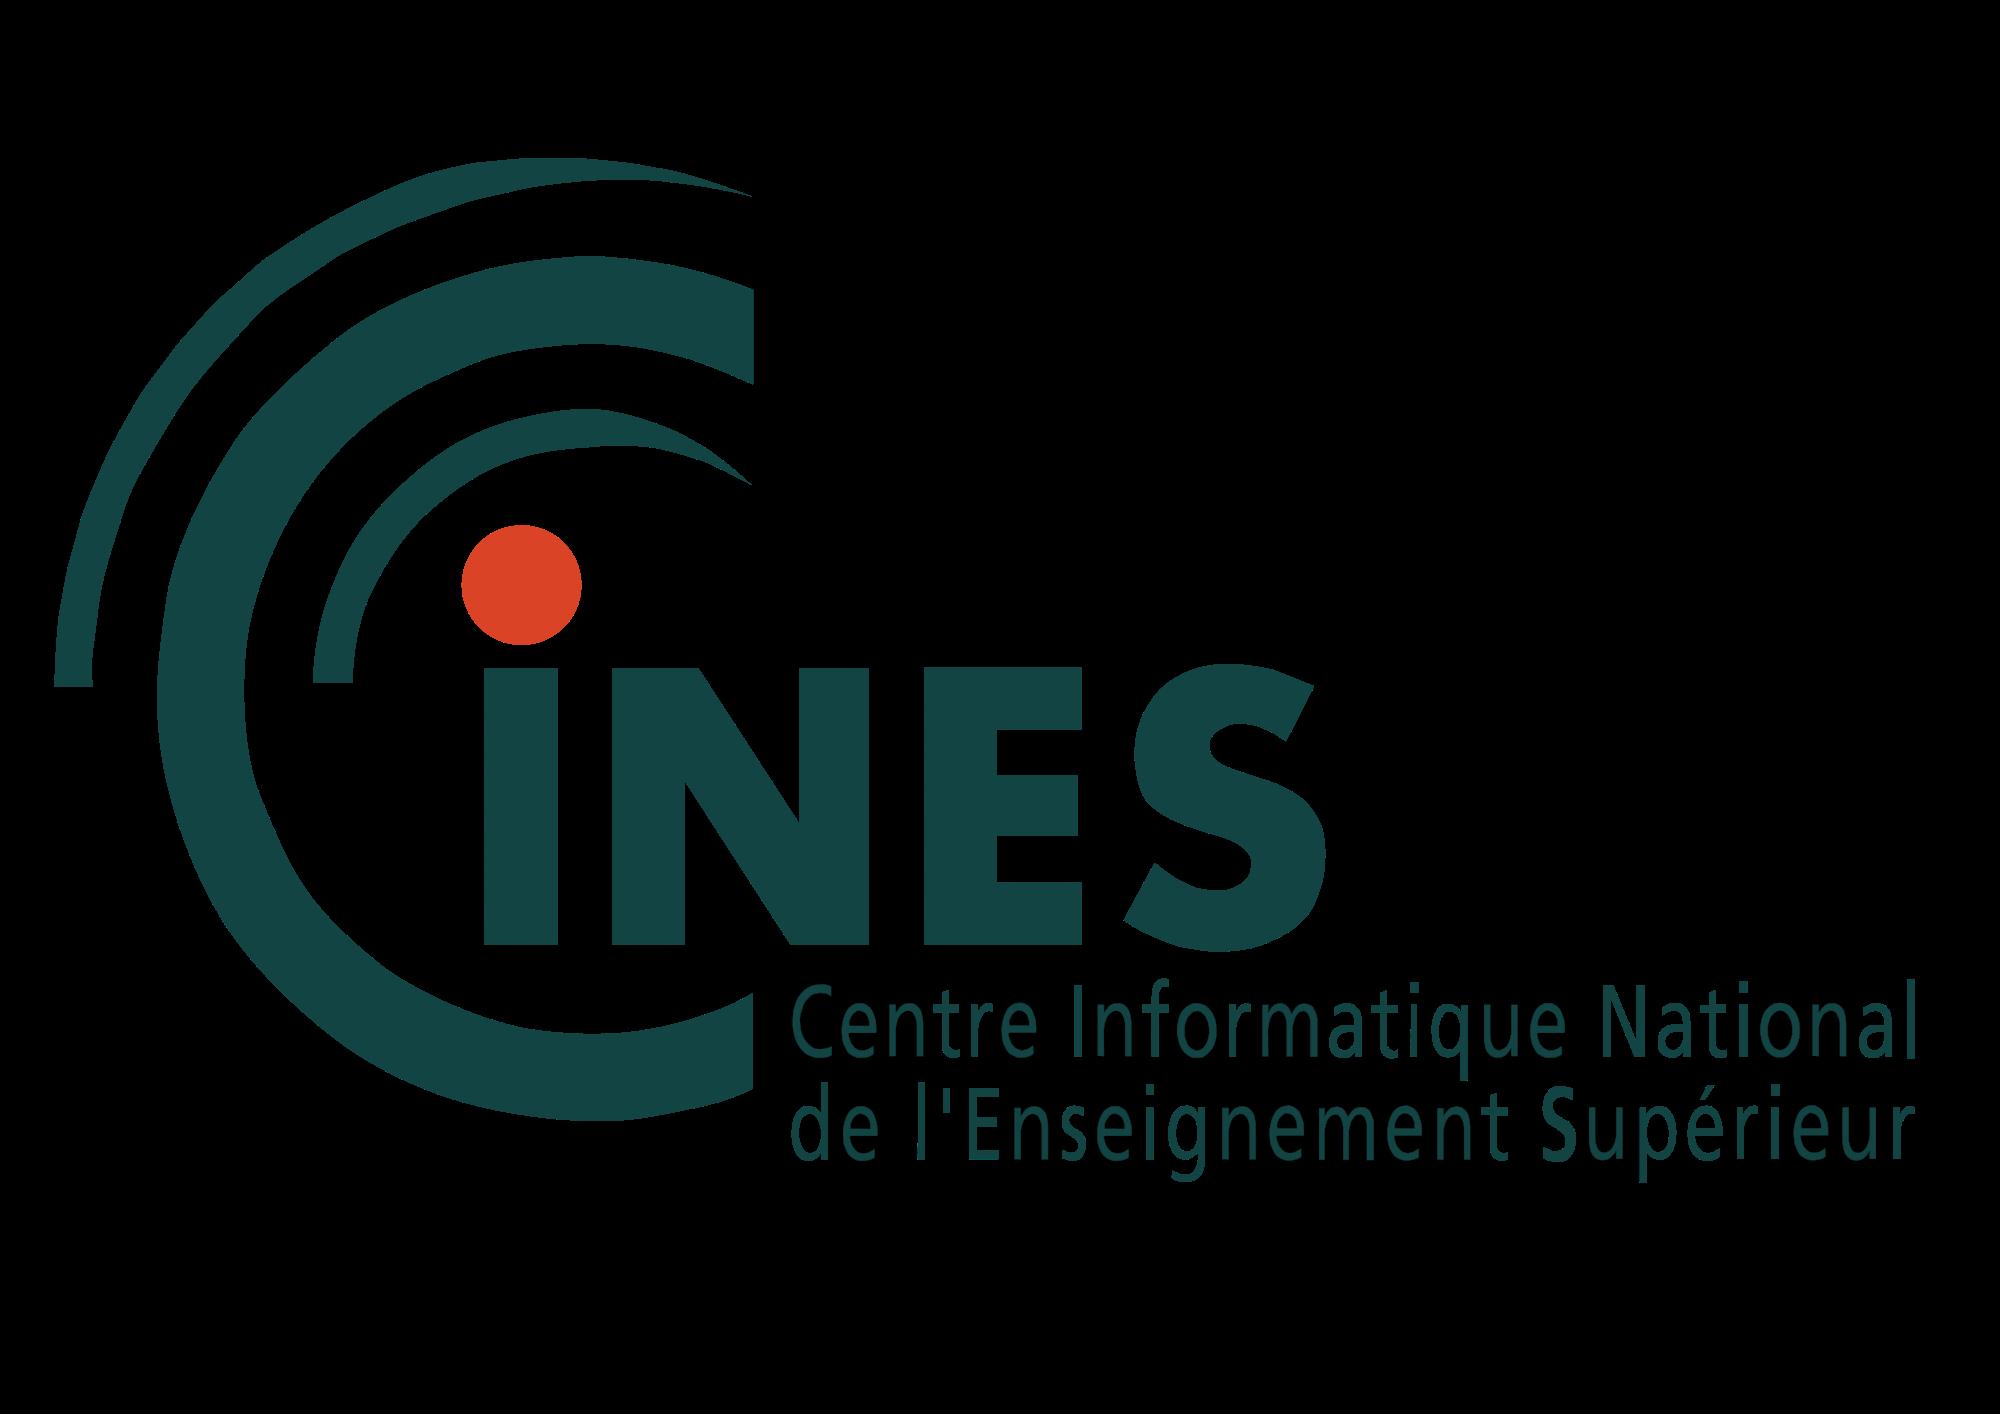 logotype CINES